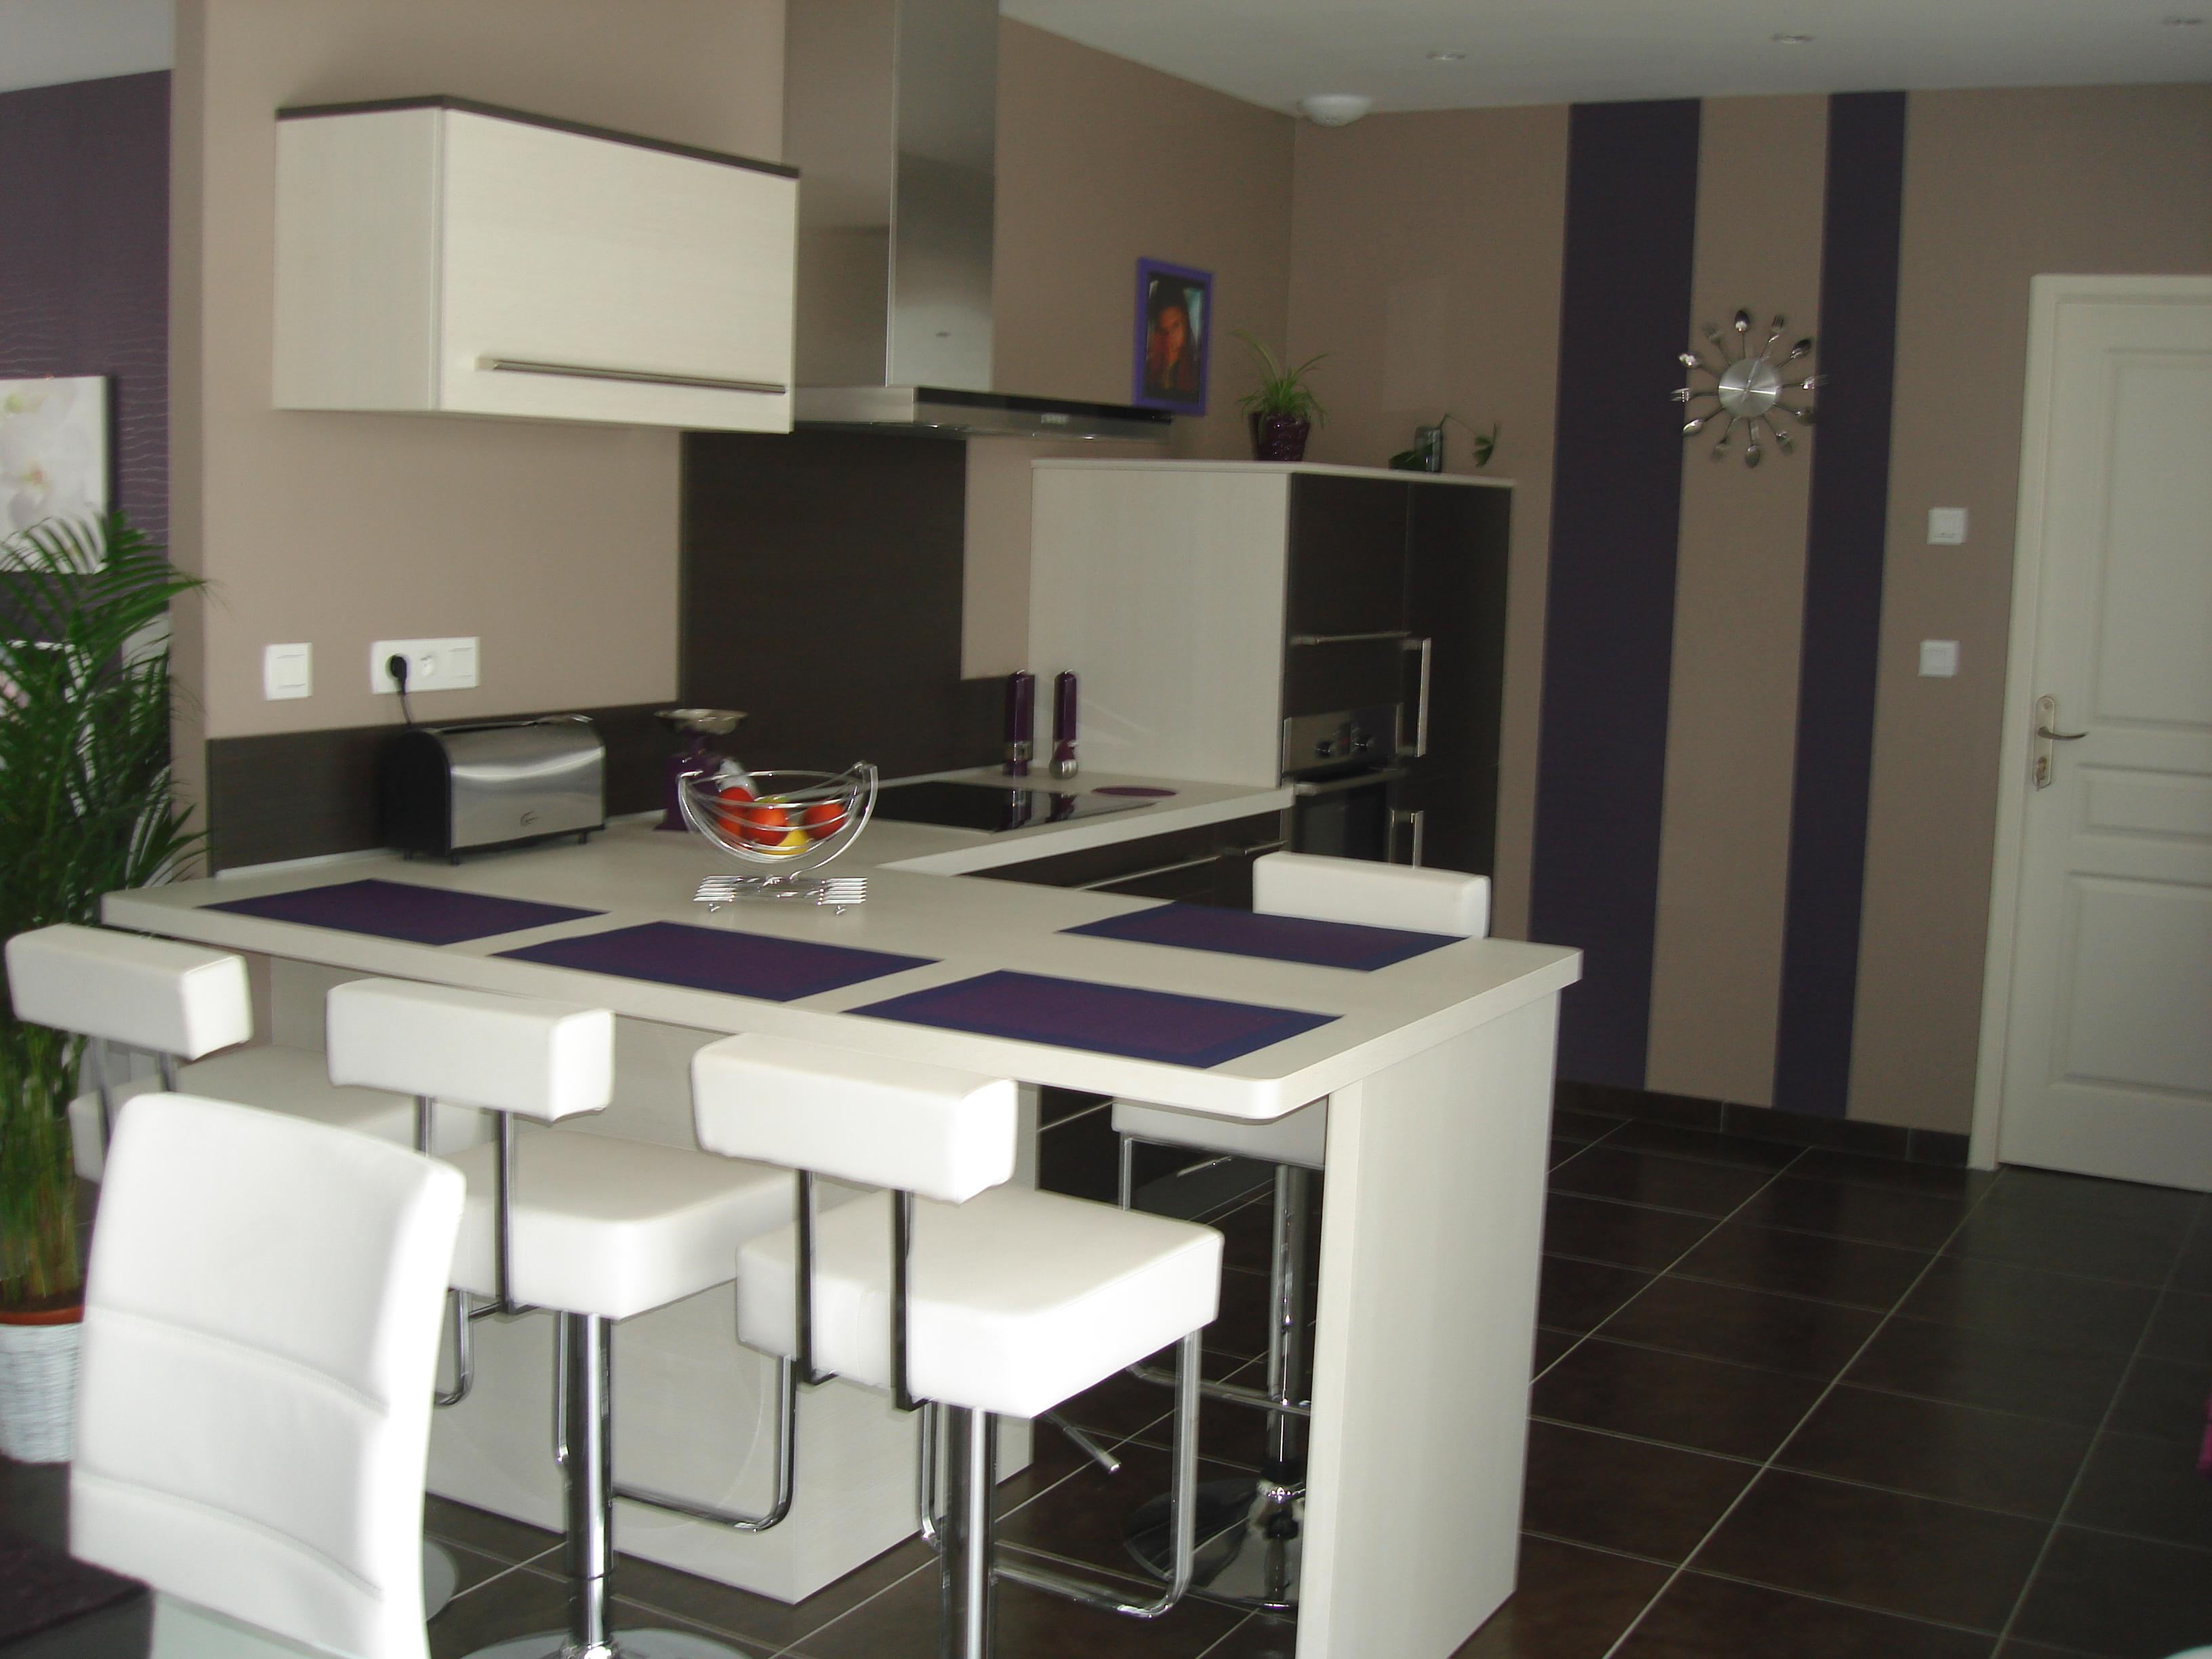 Deco peinture cuisine ouverte sur salon - Deco salon et cuisine ouverte ...